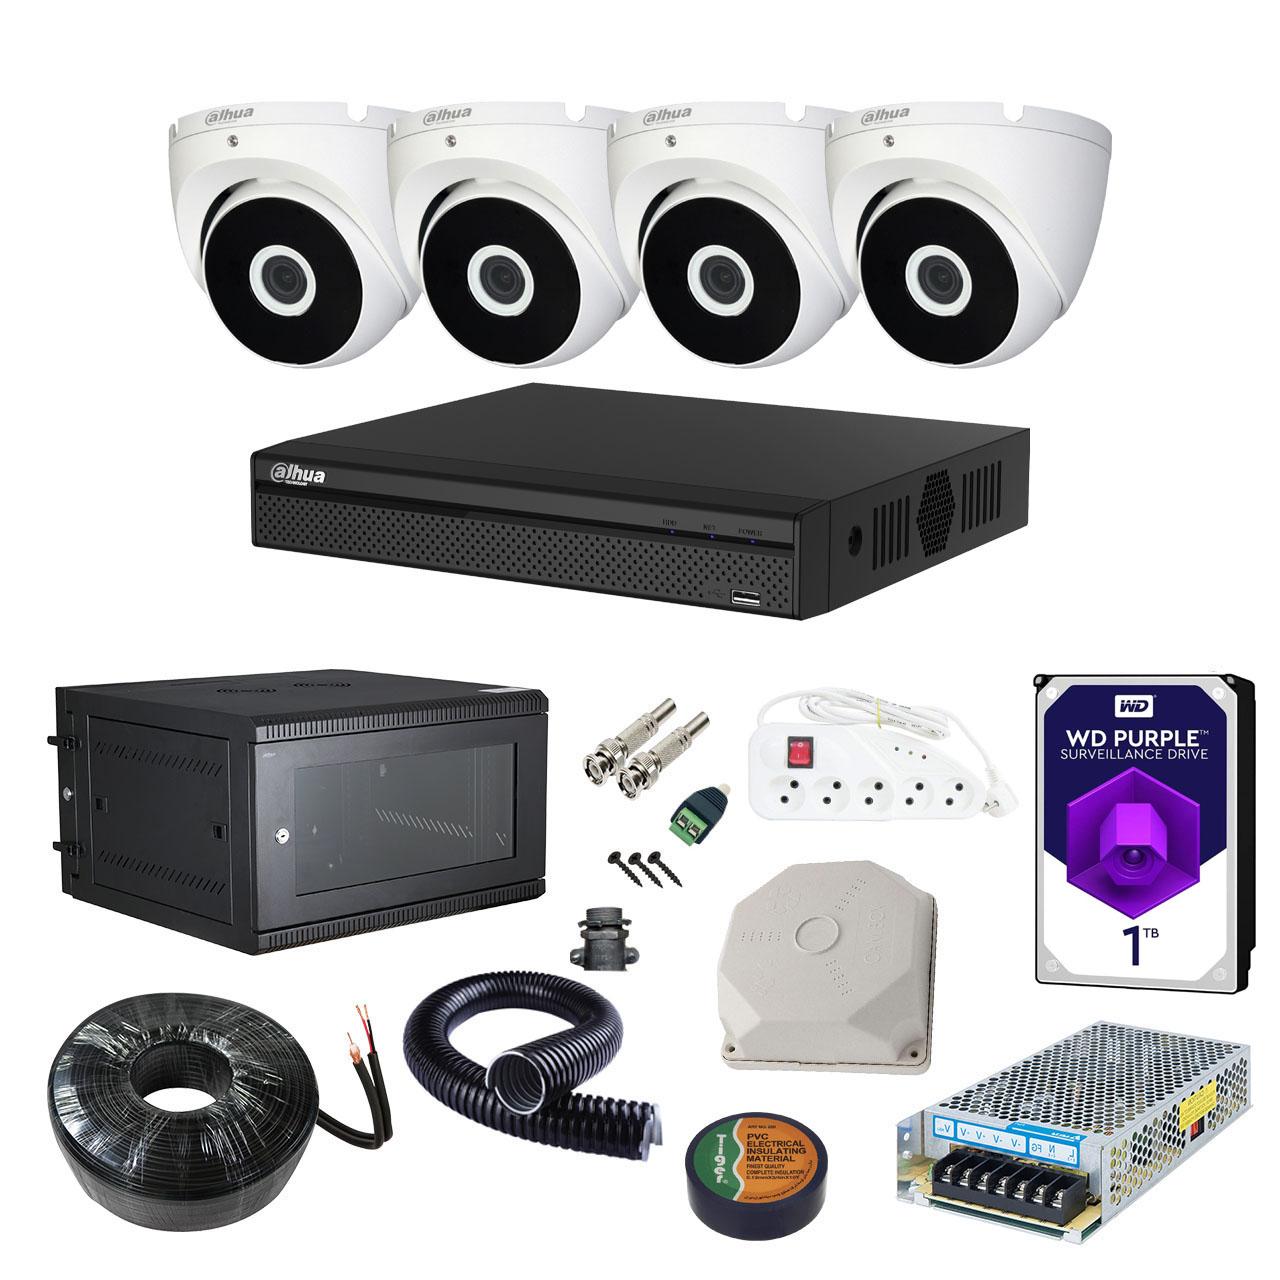 بررسی و خرید [با تخفیف]                                     سیستم امنیتی داهوا مدل DP42E4000-F                             اورجینال